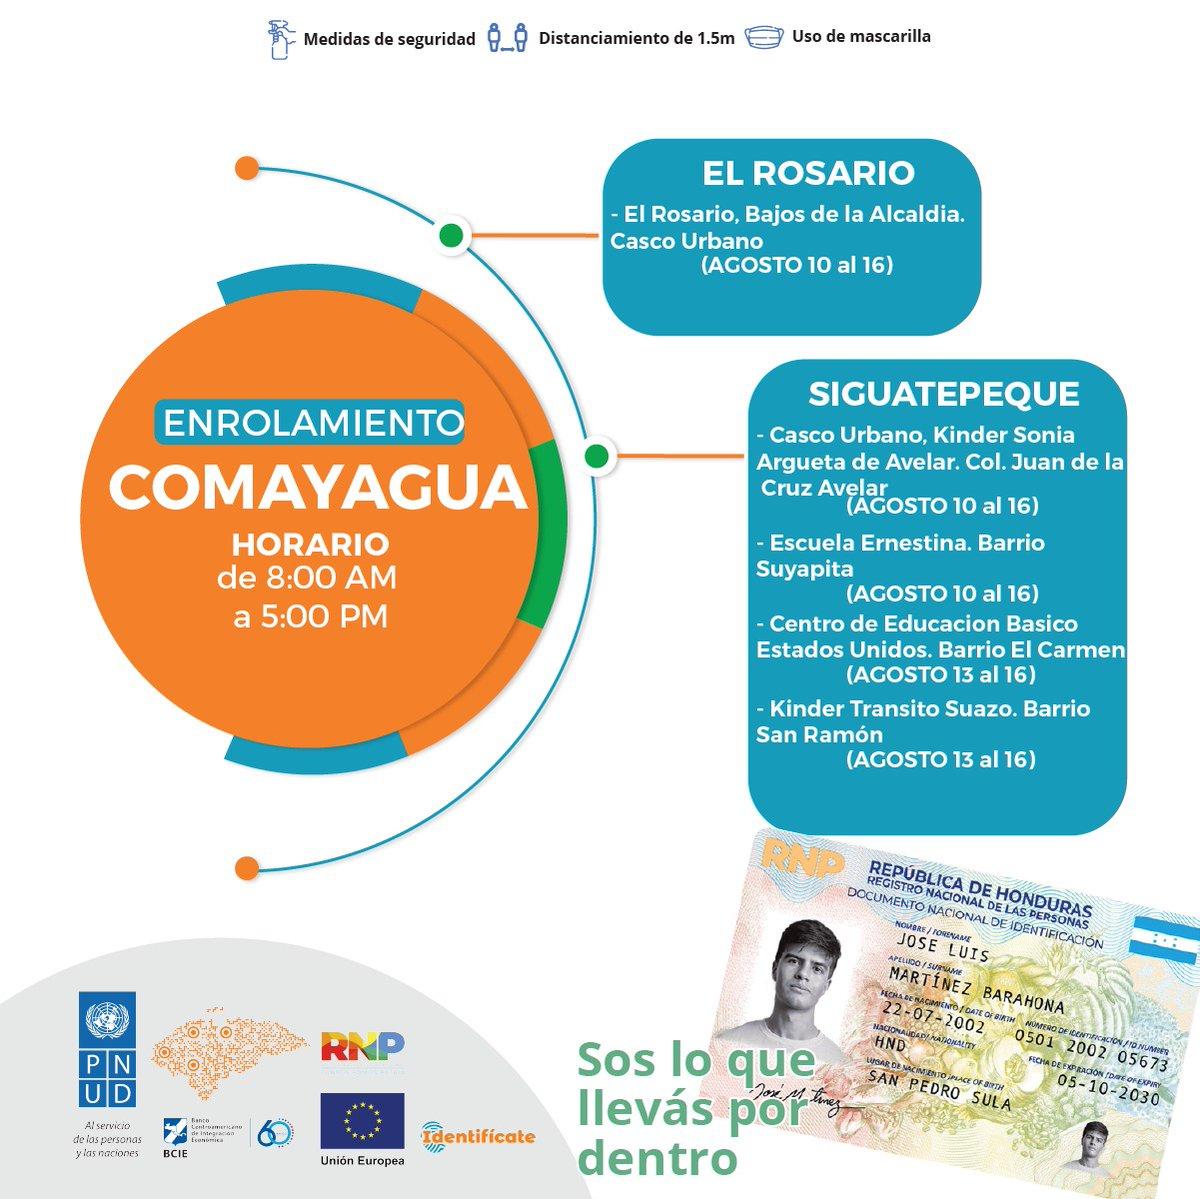 #Identifícate Comayagua ya estamos listos en los siguientes lugares solicita tu nuevo #DNI #JuntosSomosPatria.pic.twitter.com/pJ2yXl5wsw